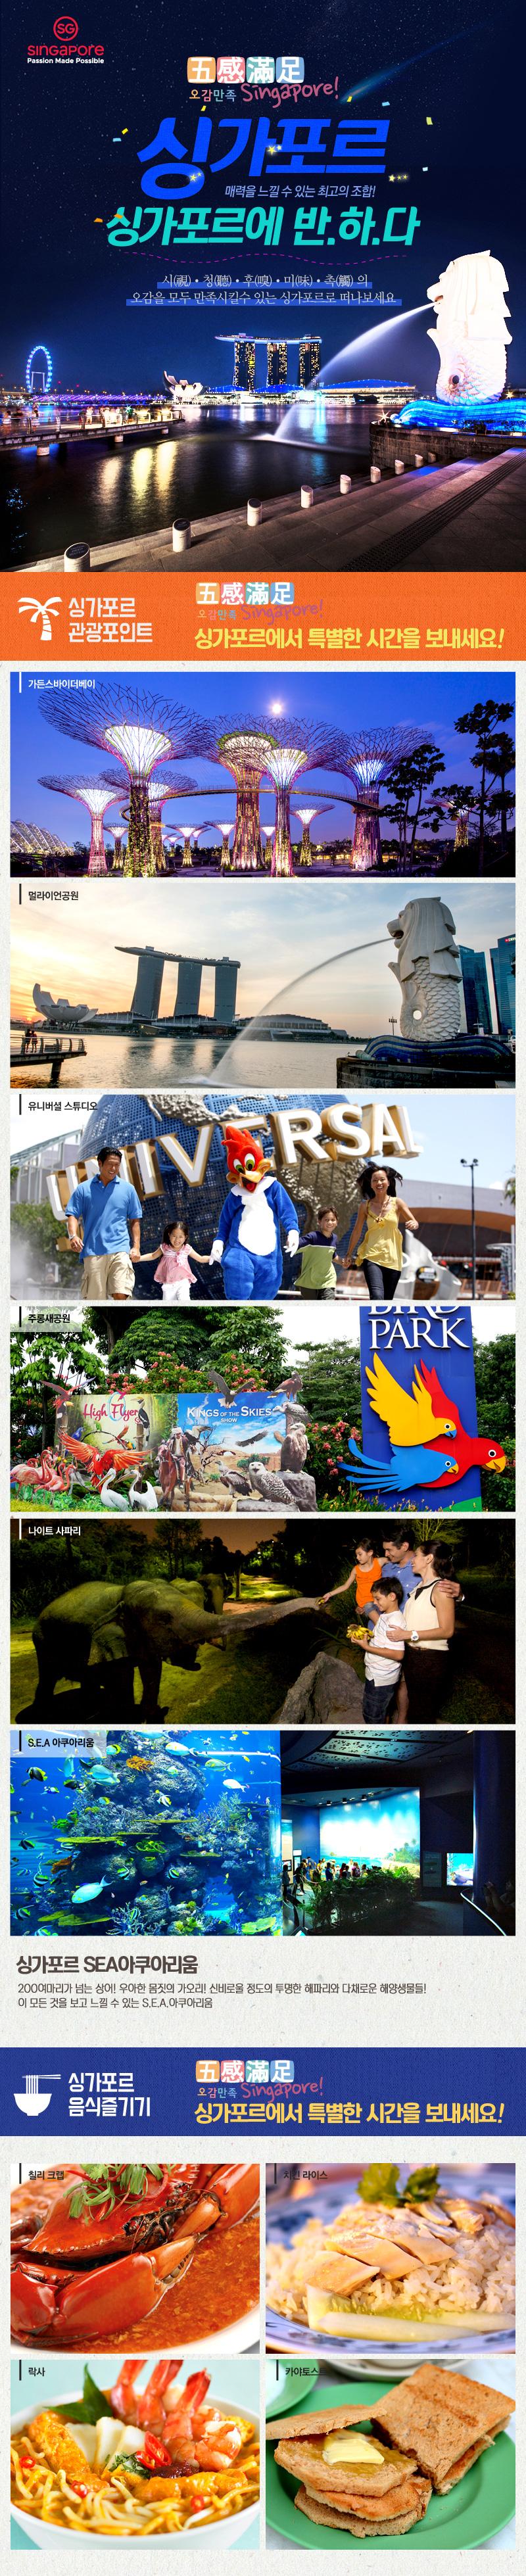 싱가포르 자유여행의 모든것! 모두투어, 아시아나항공, 싱가포르 관광청이 모여 만든 자유여행을 위한 최고의 조합